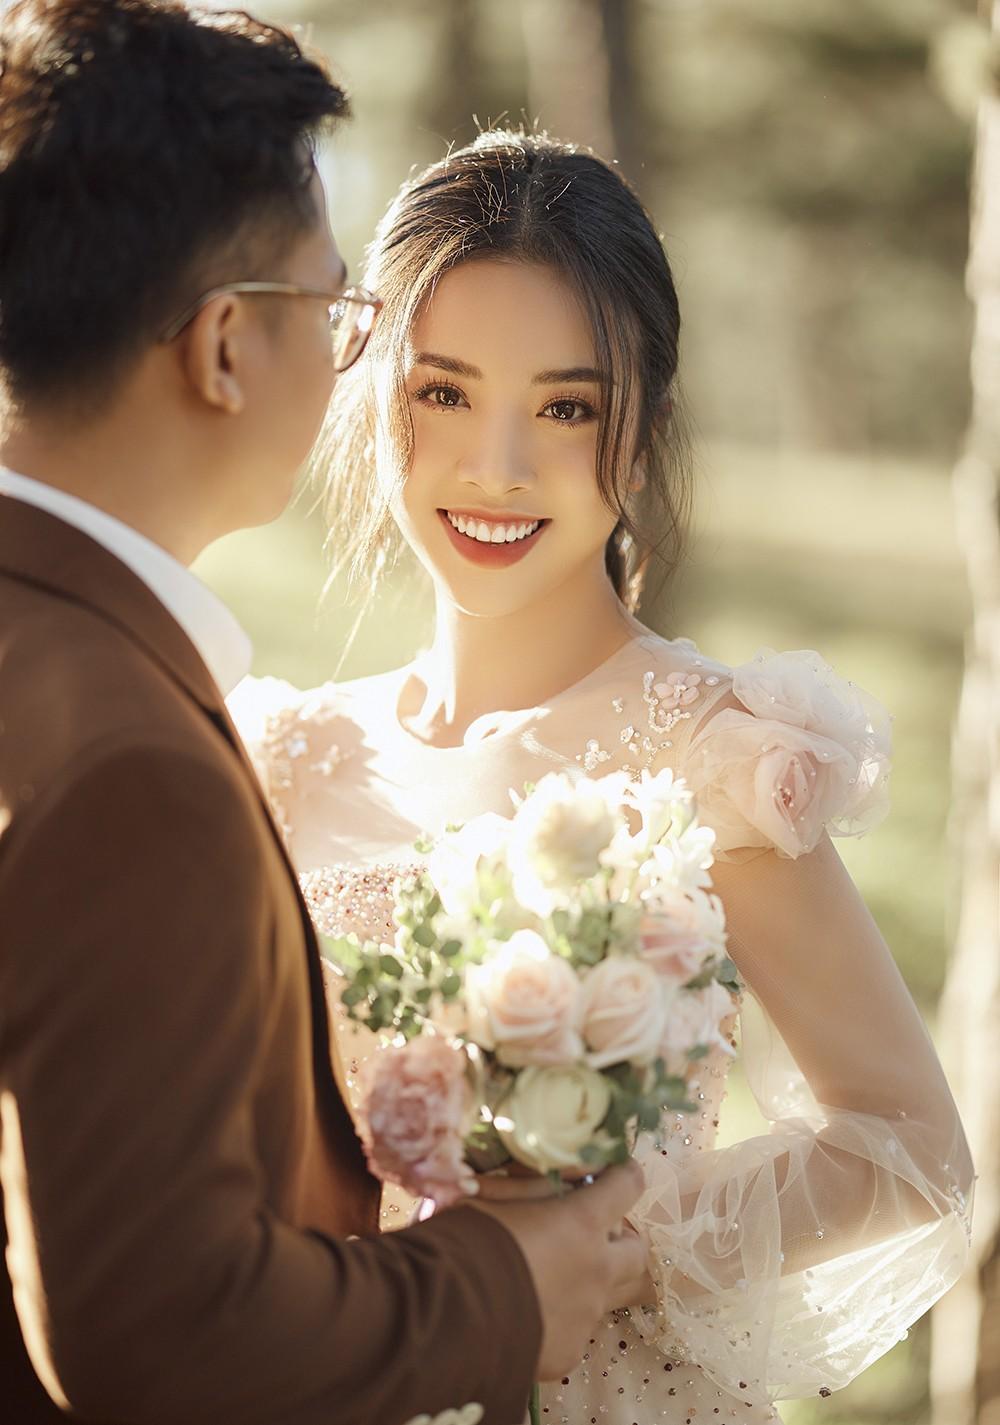 Á hậu Thúy An tiếp tục tung ảnh cưới 'tình bể bình' ở Đà Lạt trước thềm hôn lễ ảnh 6